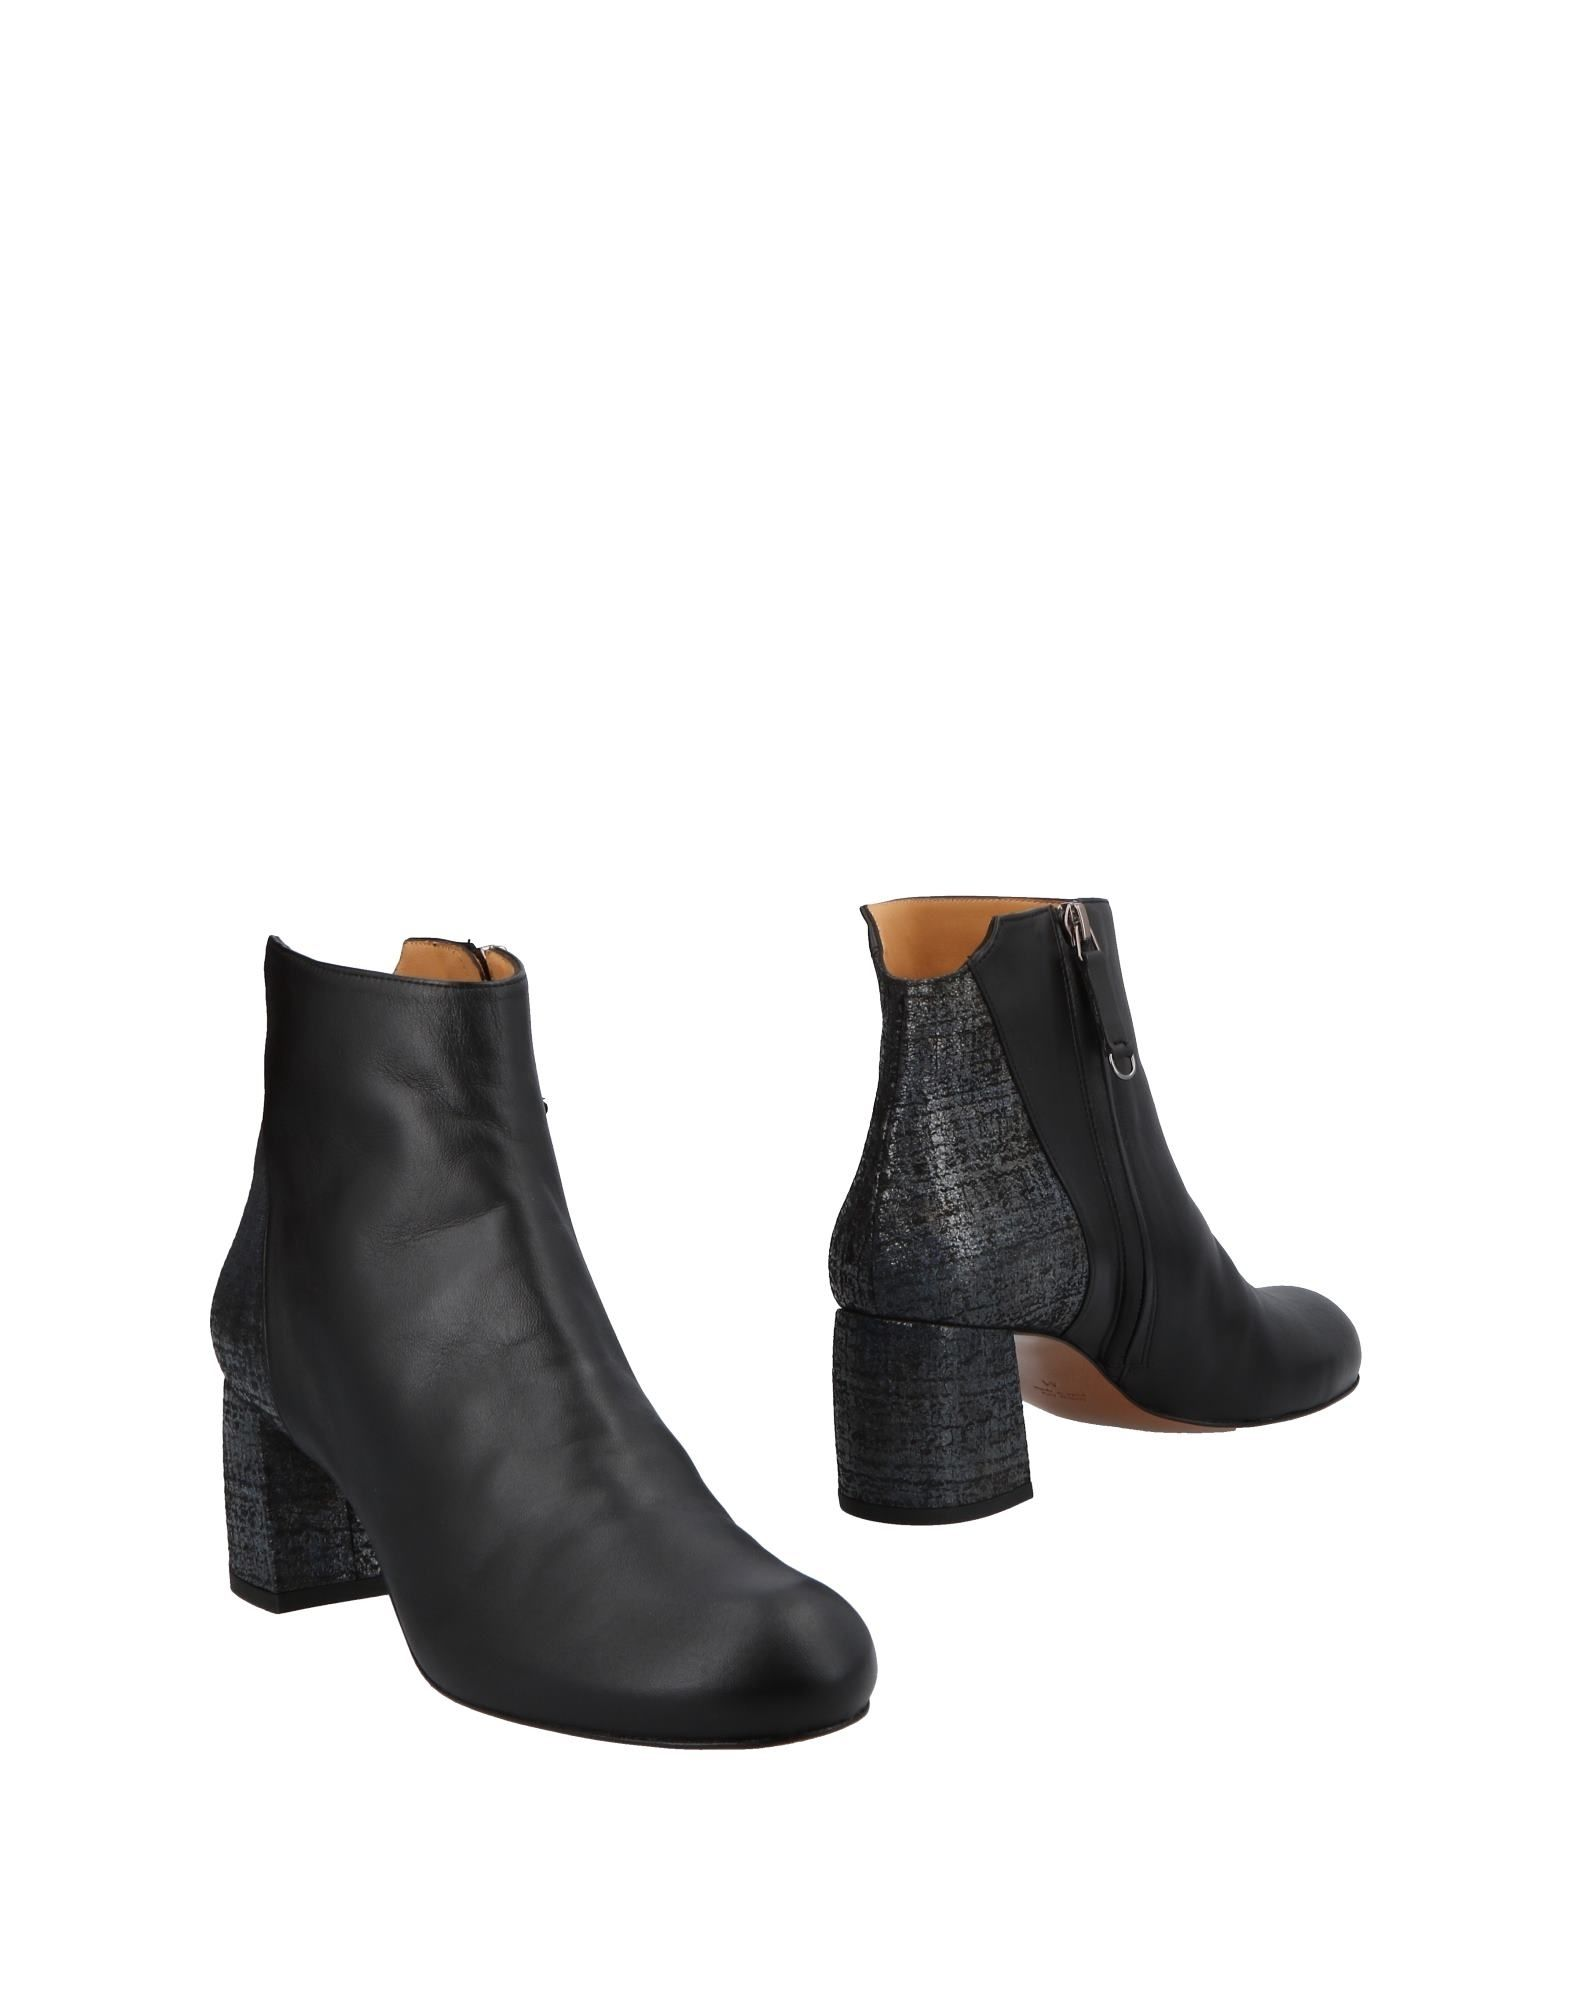 Gut um billige Schuhe zu 11498033AK tragenAudley Stiefelette Damen  11498033AK zu 216f7e